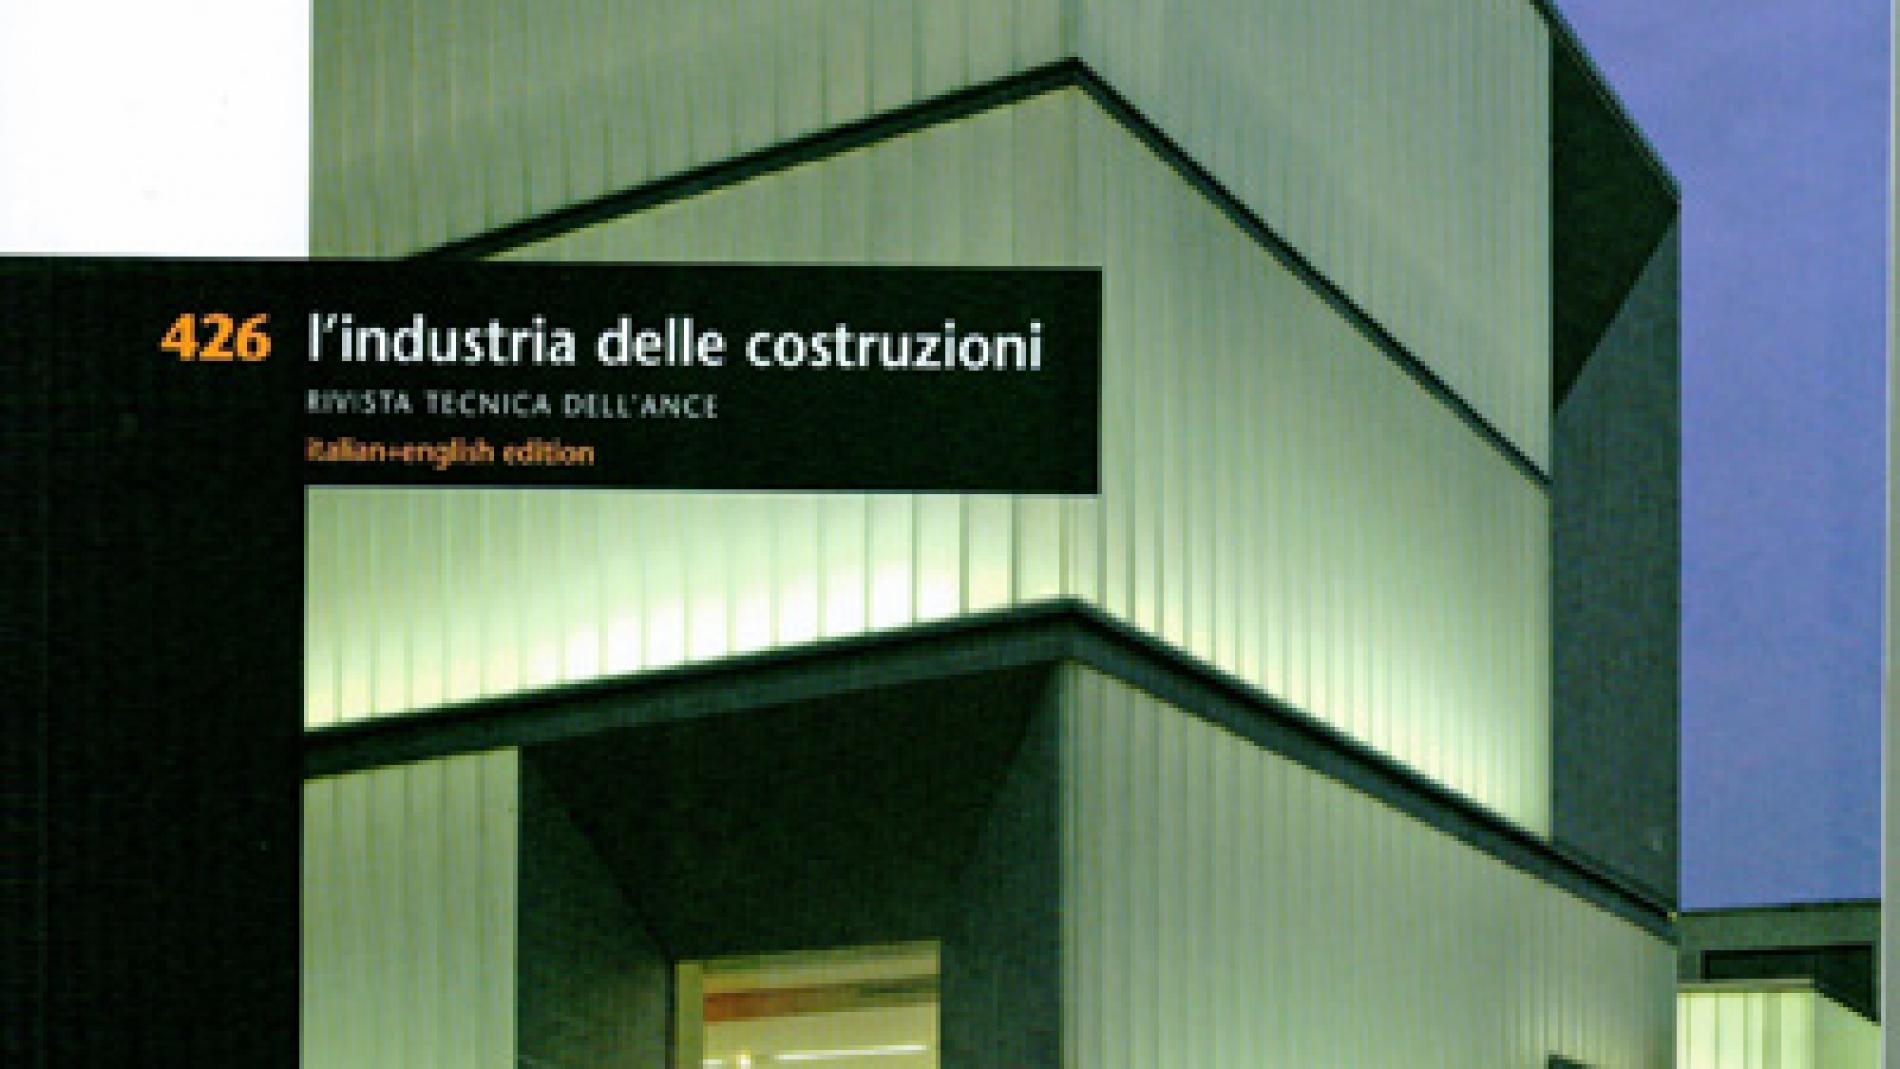 LIndustriaDelleCostruzioni_426_2012